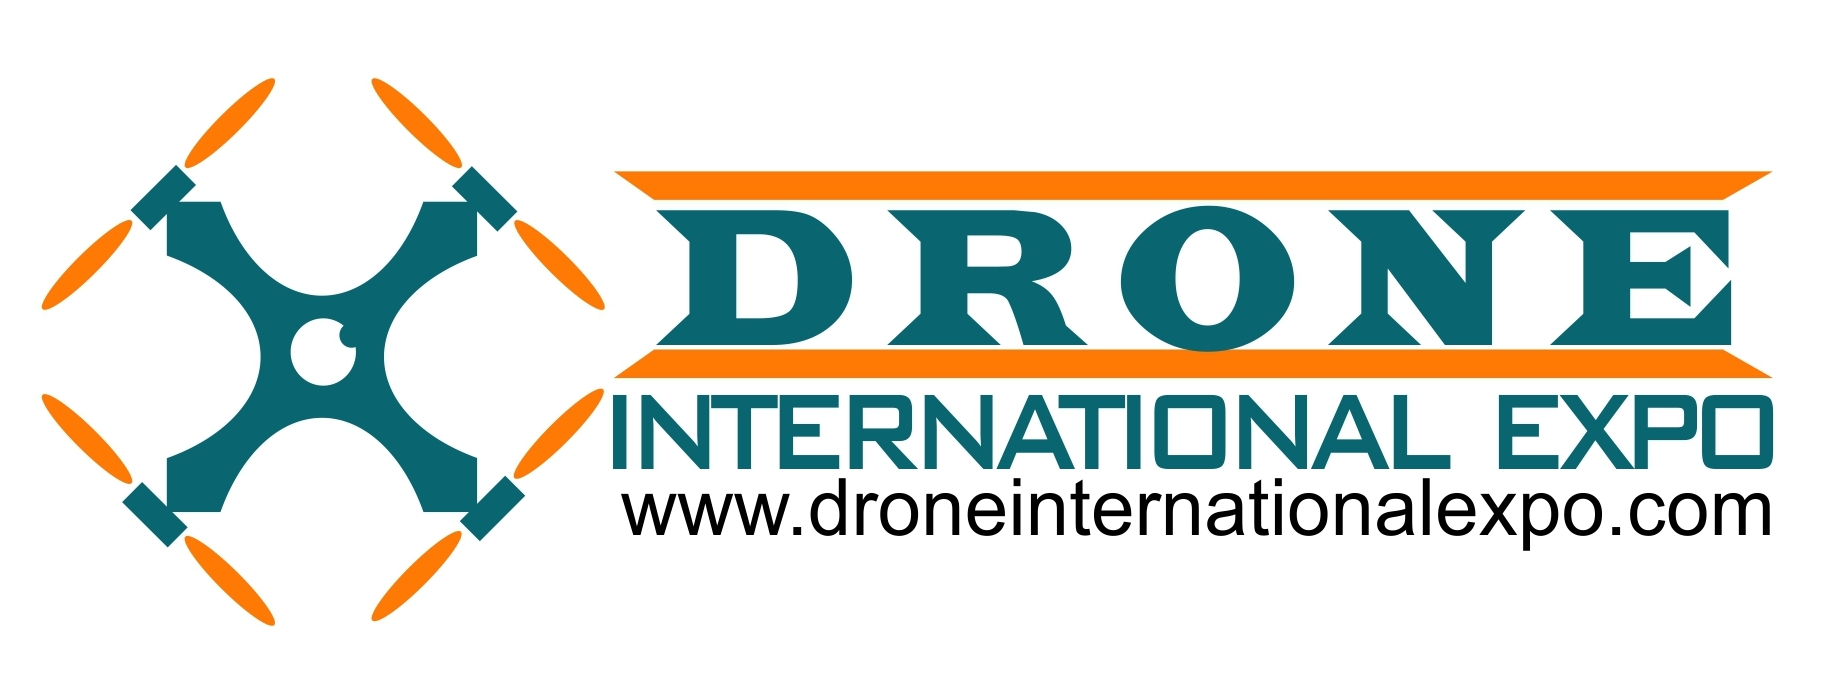 印度无人机国际博览会